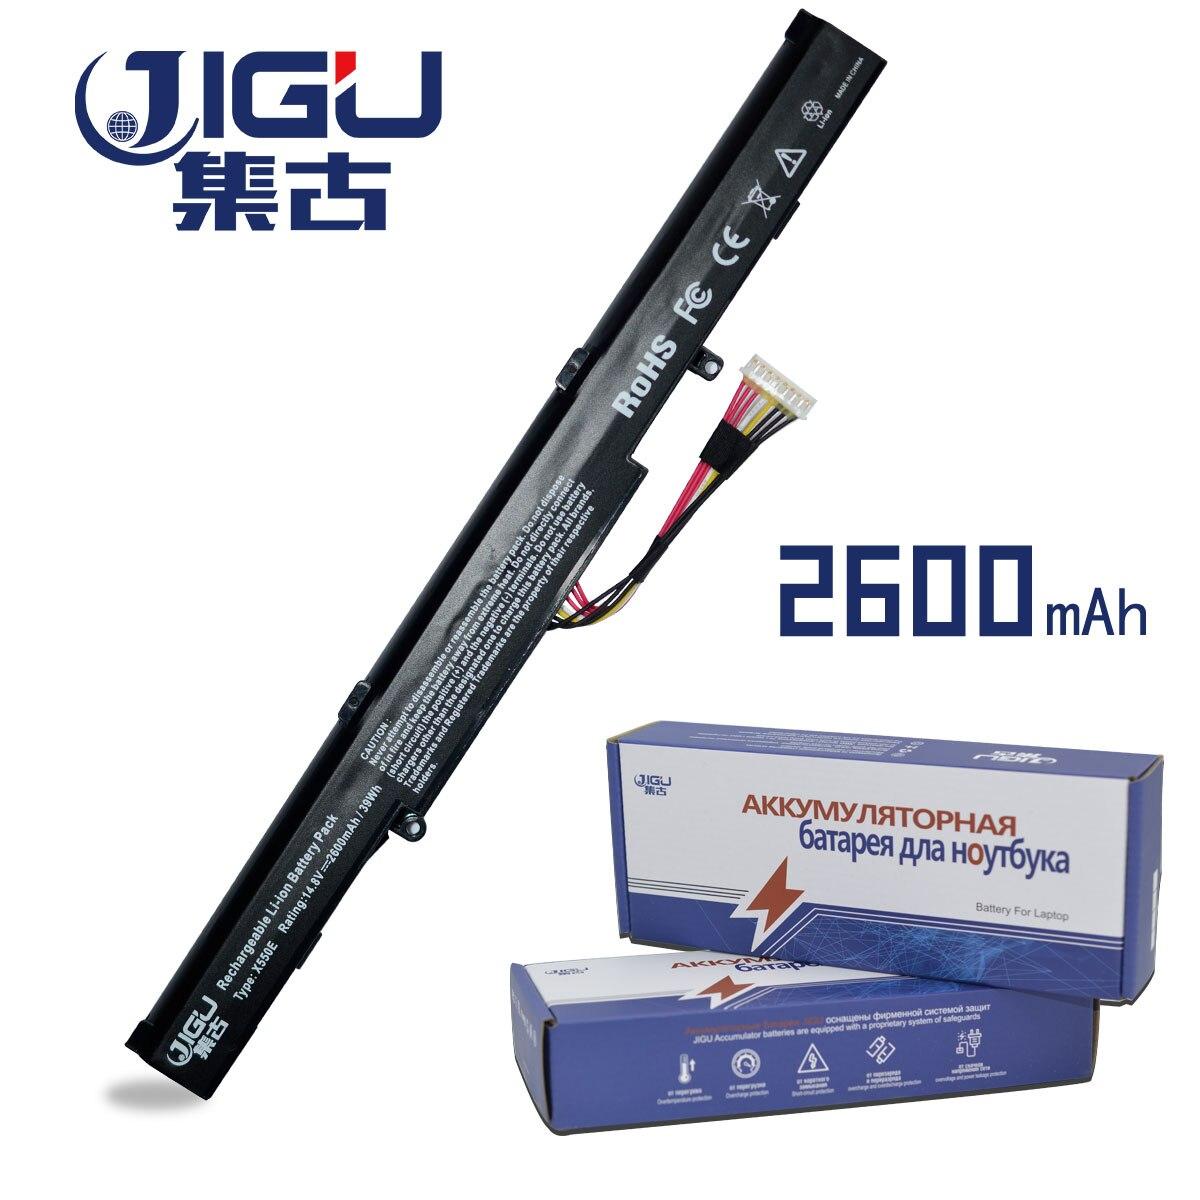 JIGU Batterie D'ordinateur Portable Pour Asus X550DP A450V K550E X750J A550D K751L X751L F450 P750LB X751MA F450C R752L X751MD F450E R752MA